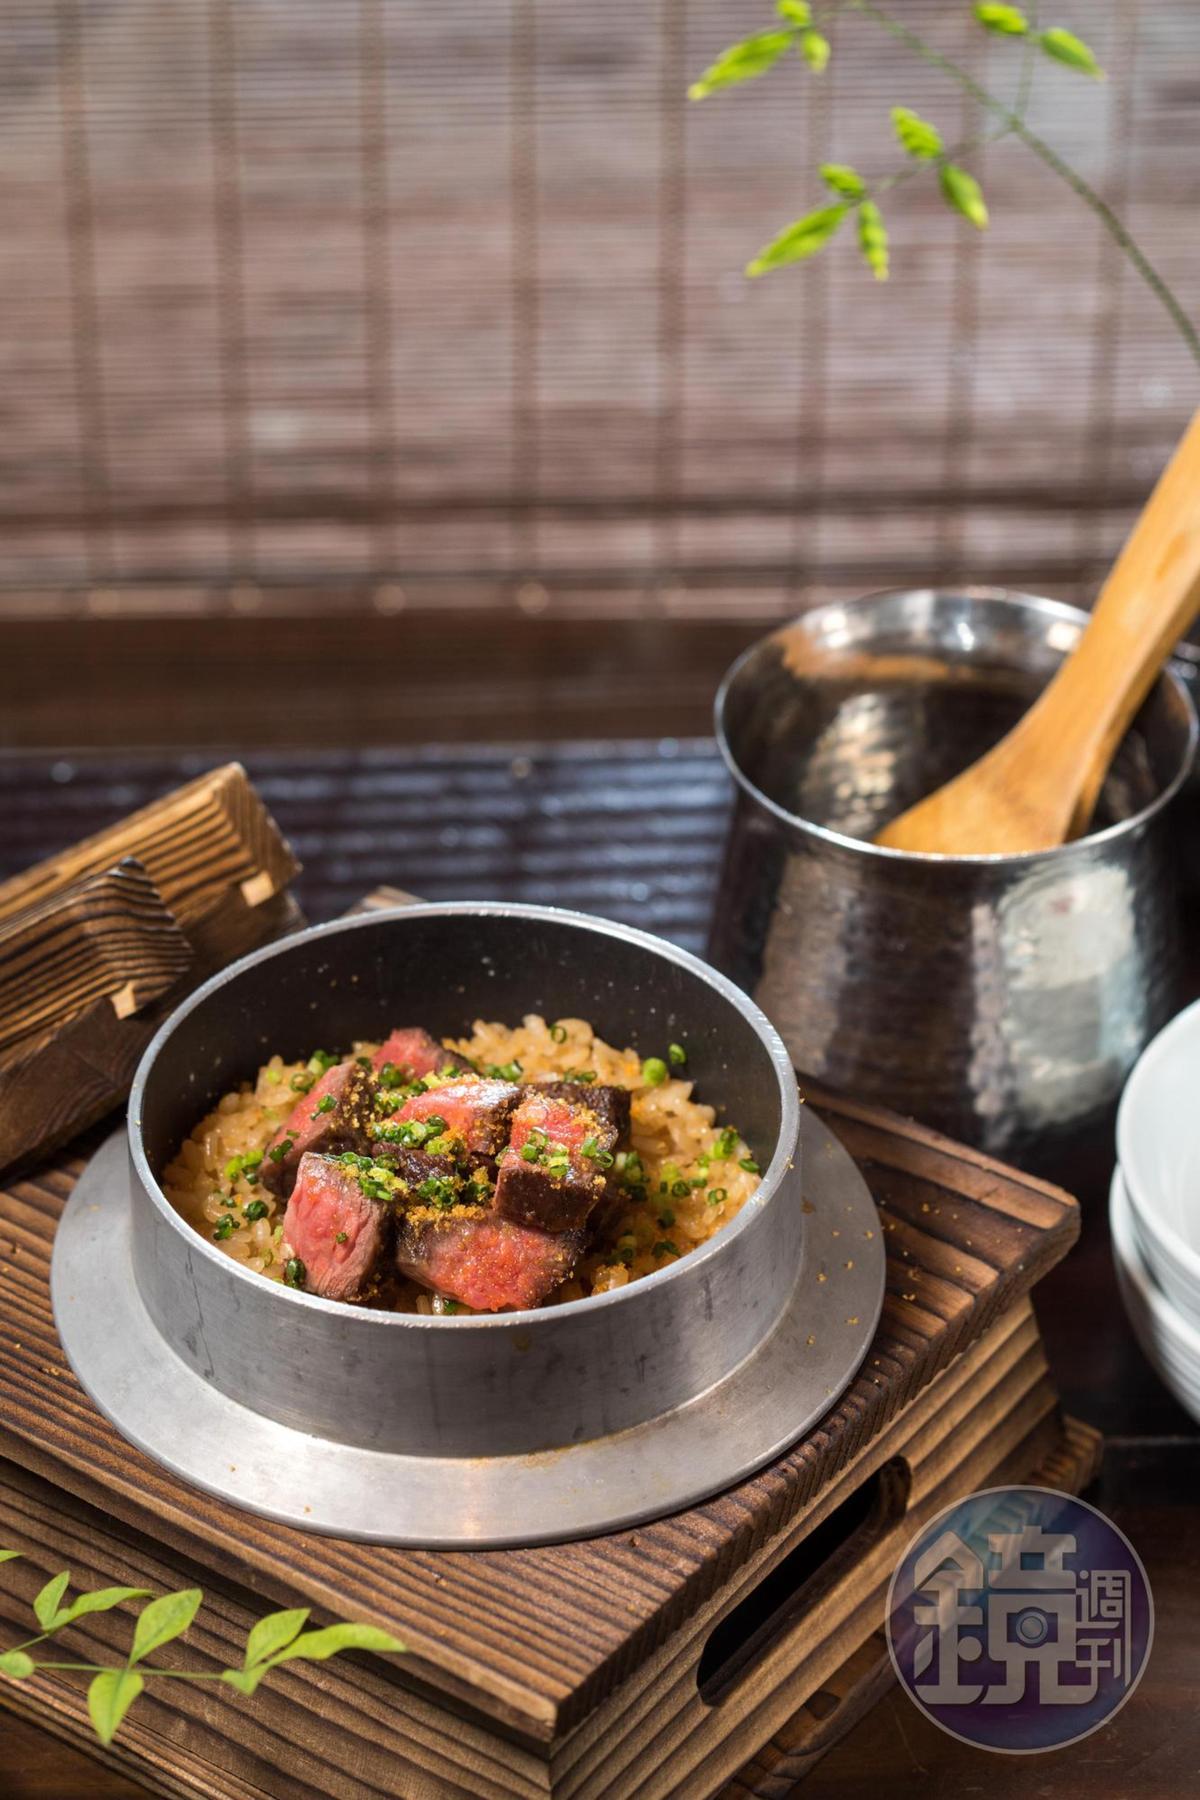 「和牛釜飯」將越光米與柴魚高湯、醬油,從生米煮成熟飯,澳洲和牛的翼板炭烤至3分熟,再刨下烏魚子粉,澎湃飽滿。(750元/份)